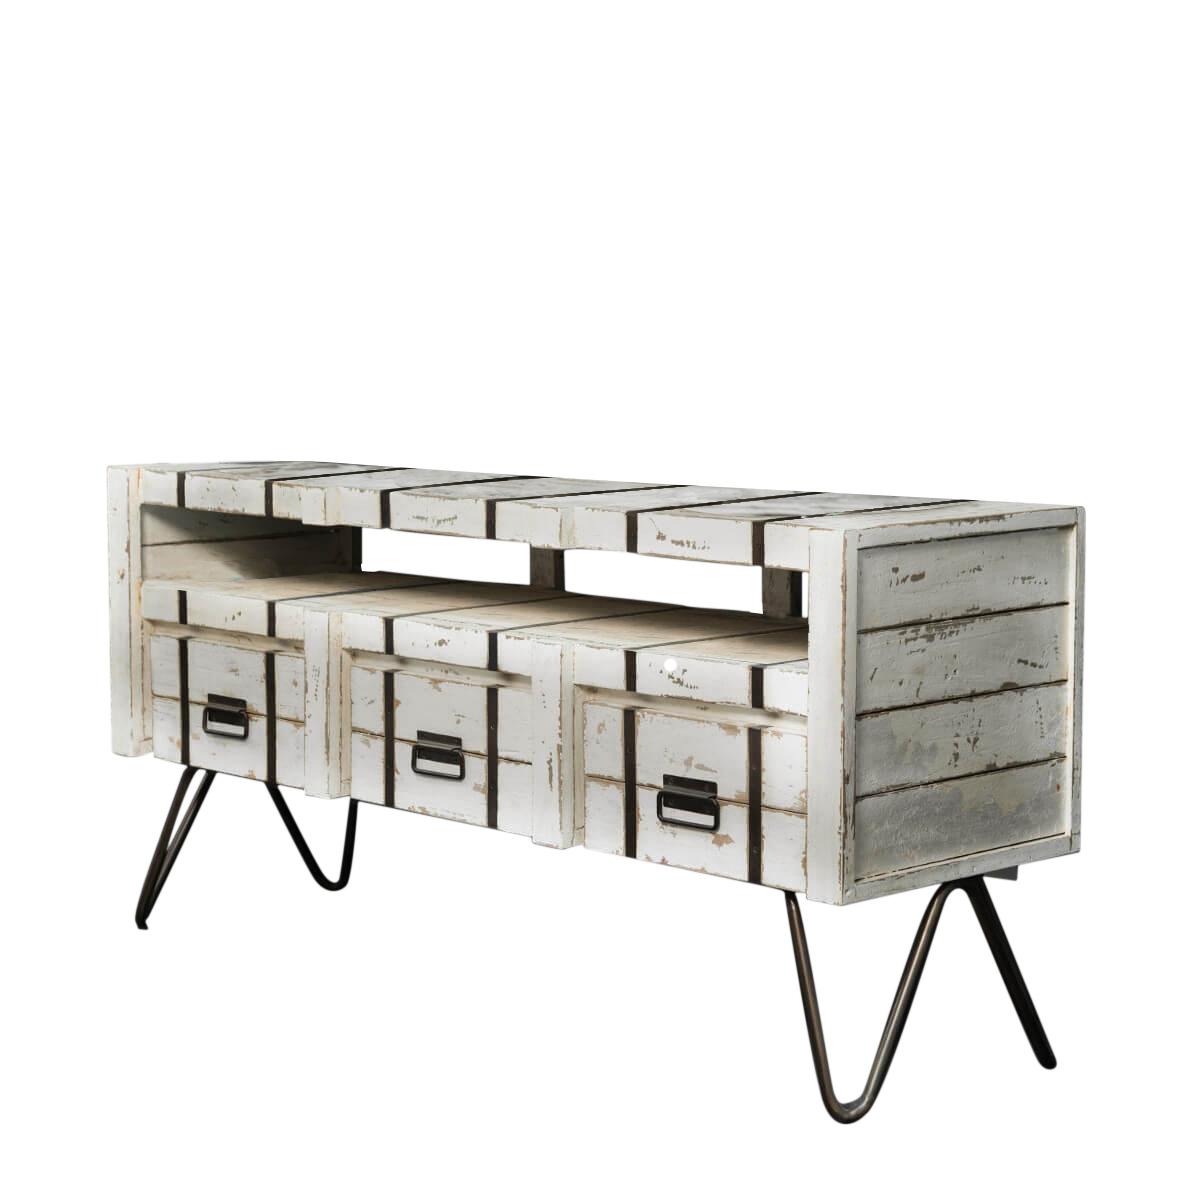 Meuble sous vasque en bois et métal blanc 3 tiroirs L160cm